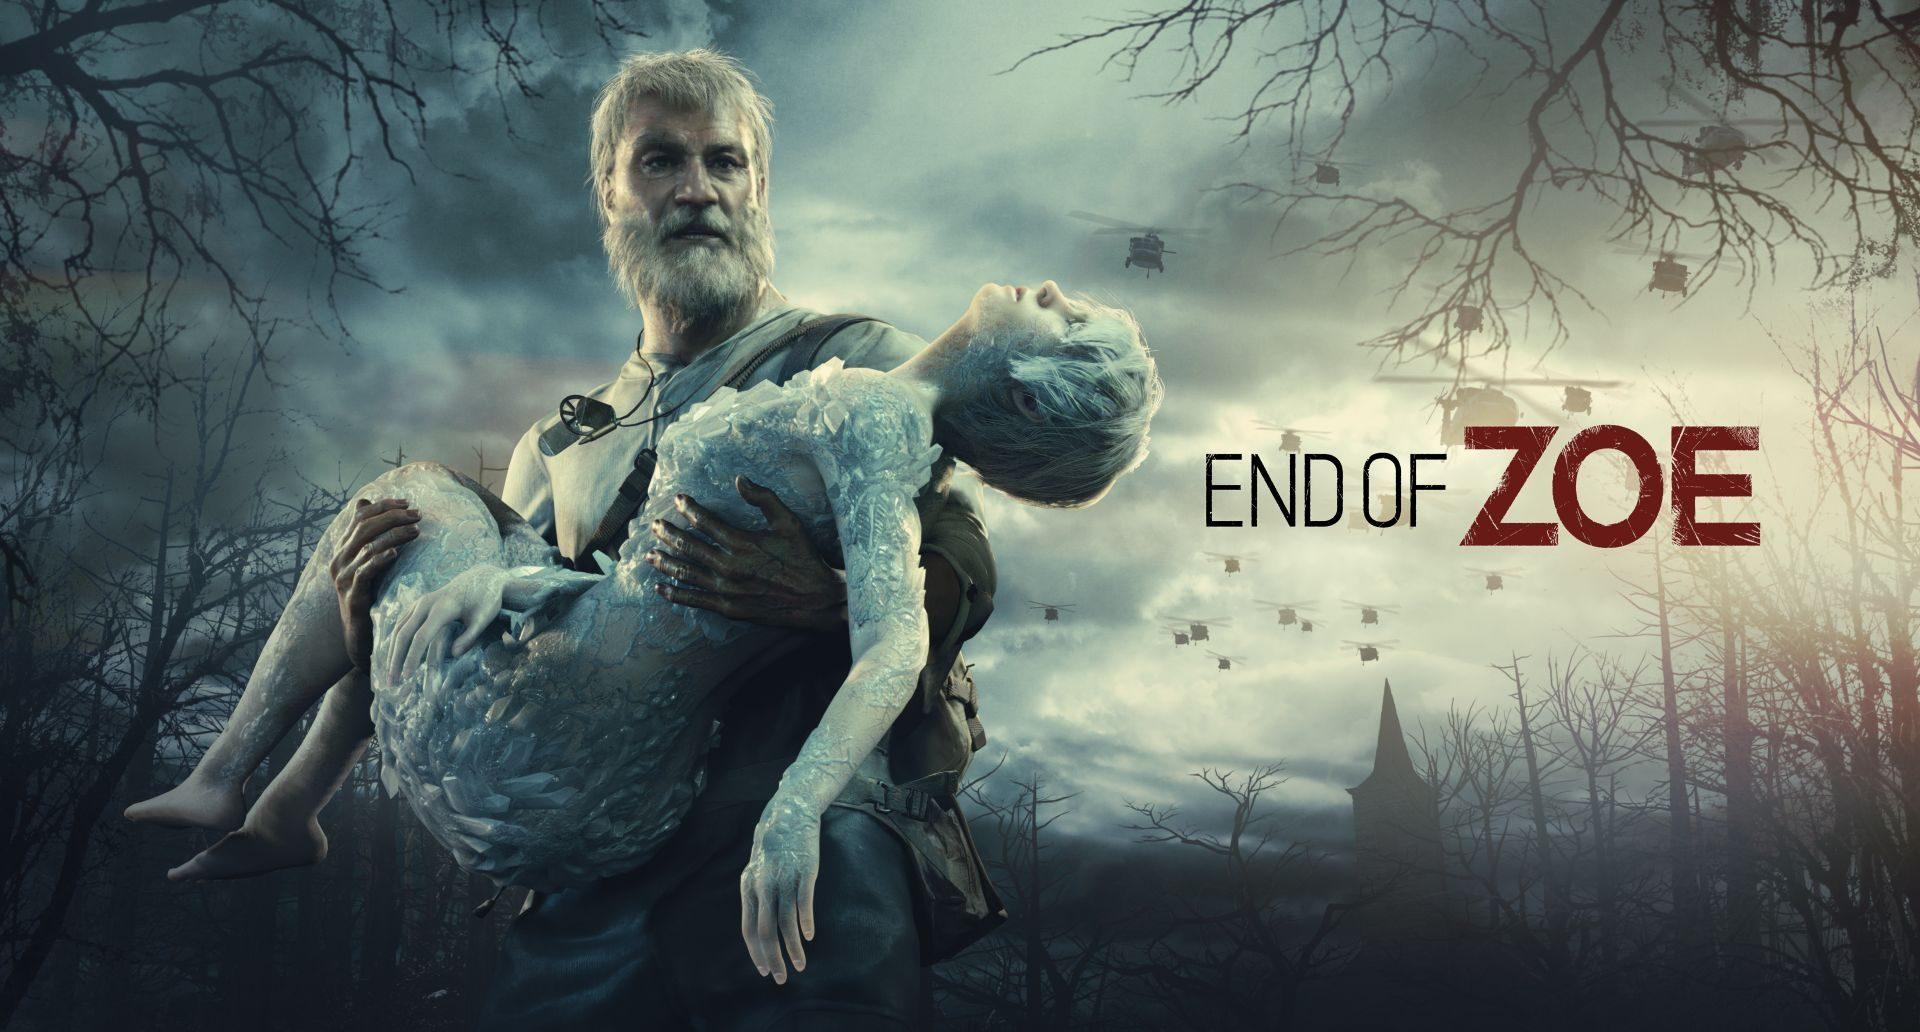 Presentato un nuovo trailer dei DLC di Resident Evil 7 Biohazard